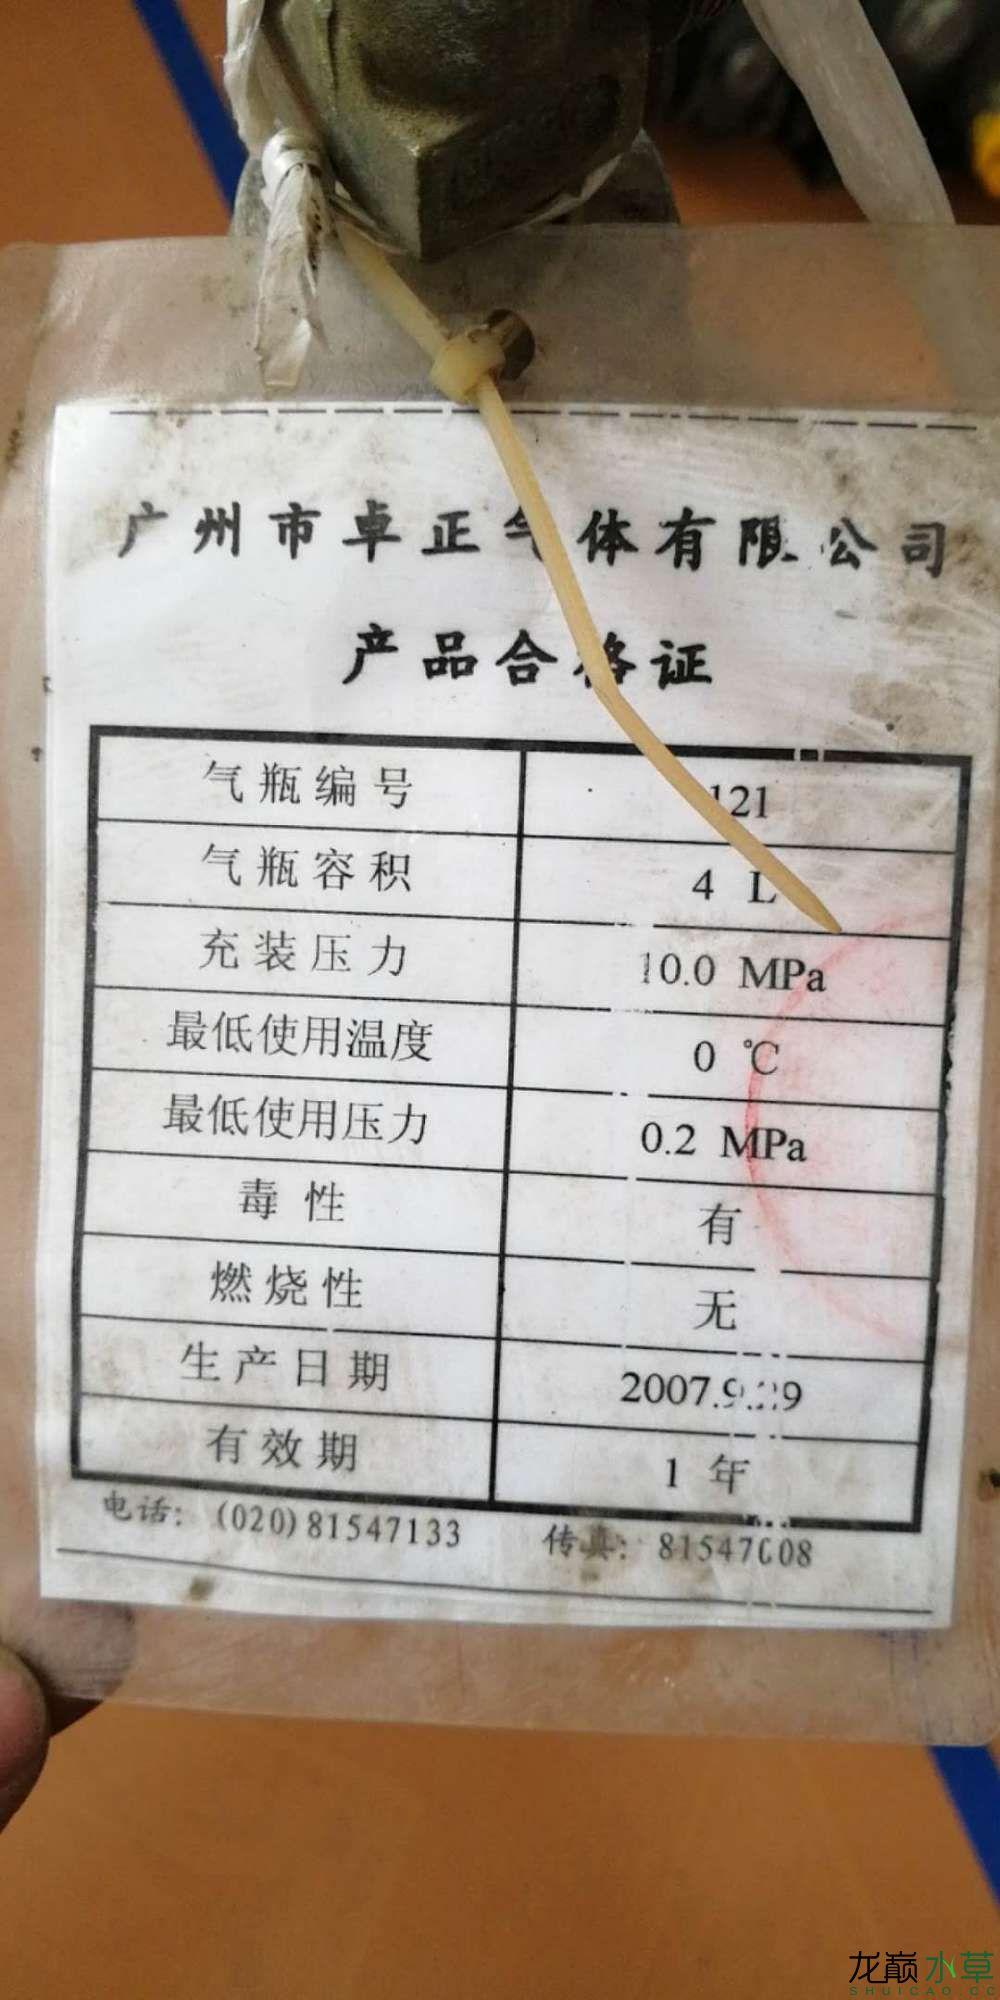 帮忙看看这个铝瓶可以充CO2吗? 北京观赏鱼 北京龙鱼第2张